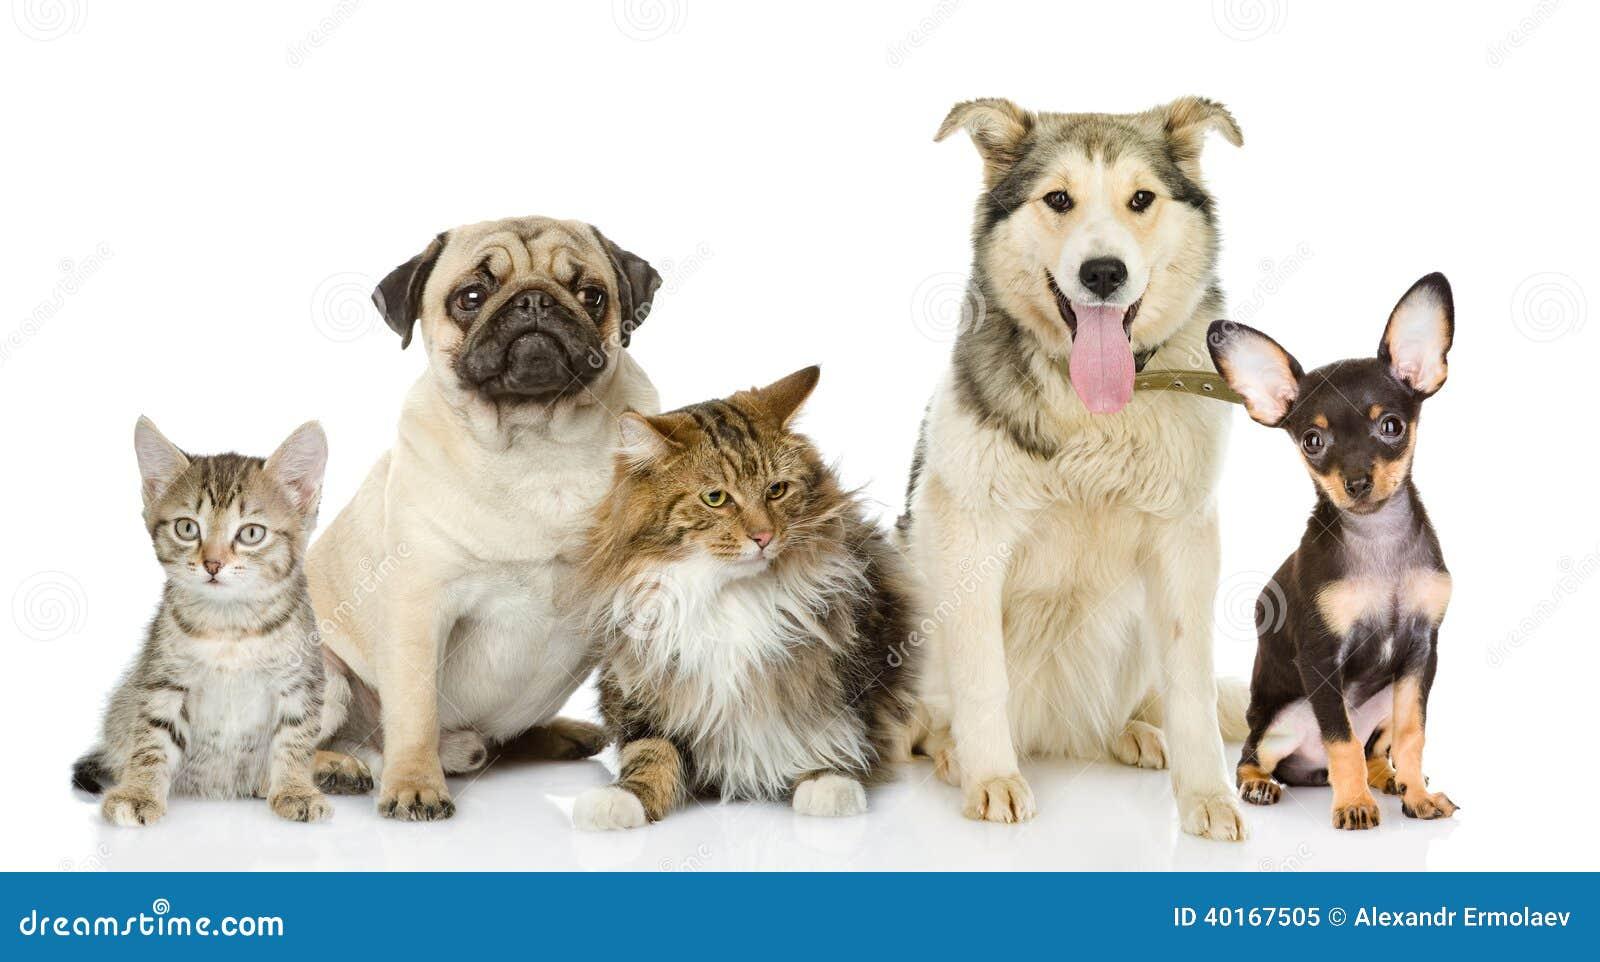 Ομάδα γατών και σκυλιών στο μέτωπο.